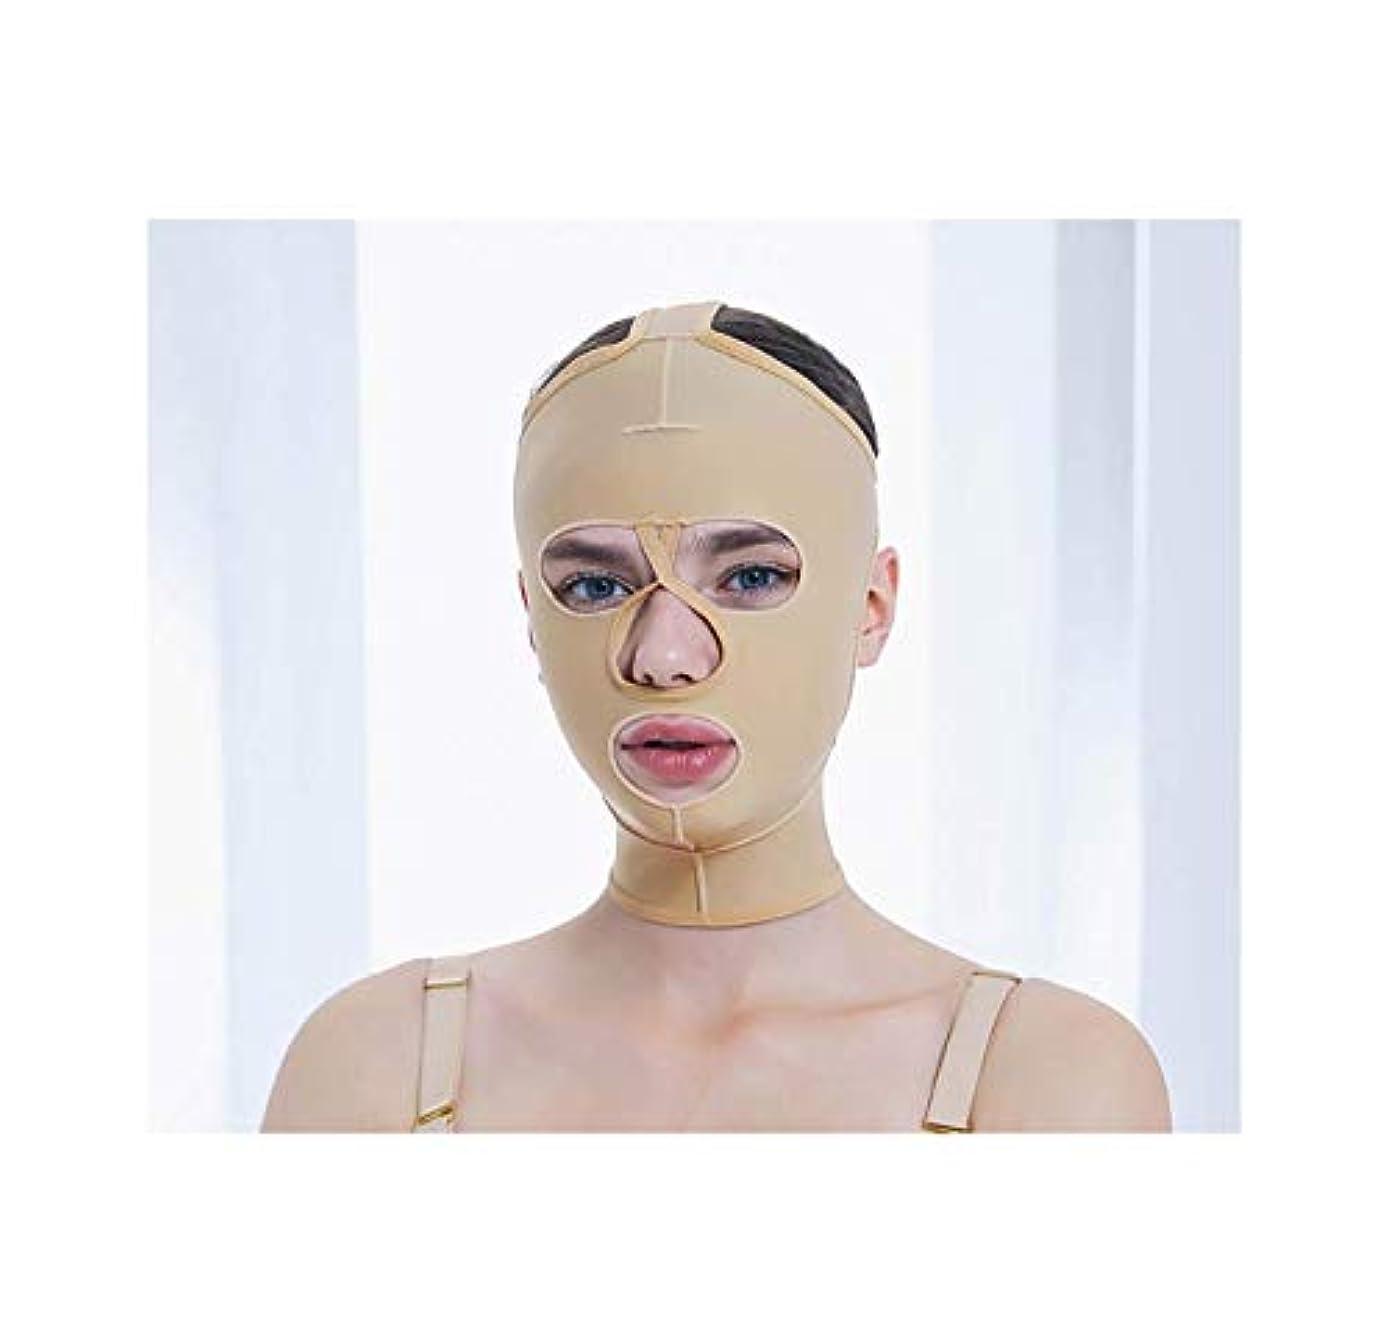 挑む予想外関係フェイス&ネックリフト、減量フェイスマスク脂肪吸引術脂肪吸引整形マスクフードフェイスリフティングアーティファクトVフェイスビームフェイス弾性スリーブ(サイズ:XS),M